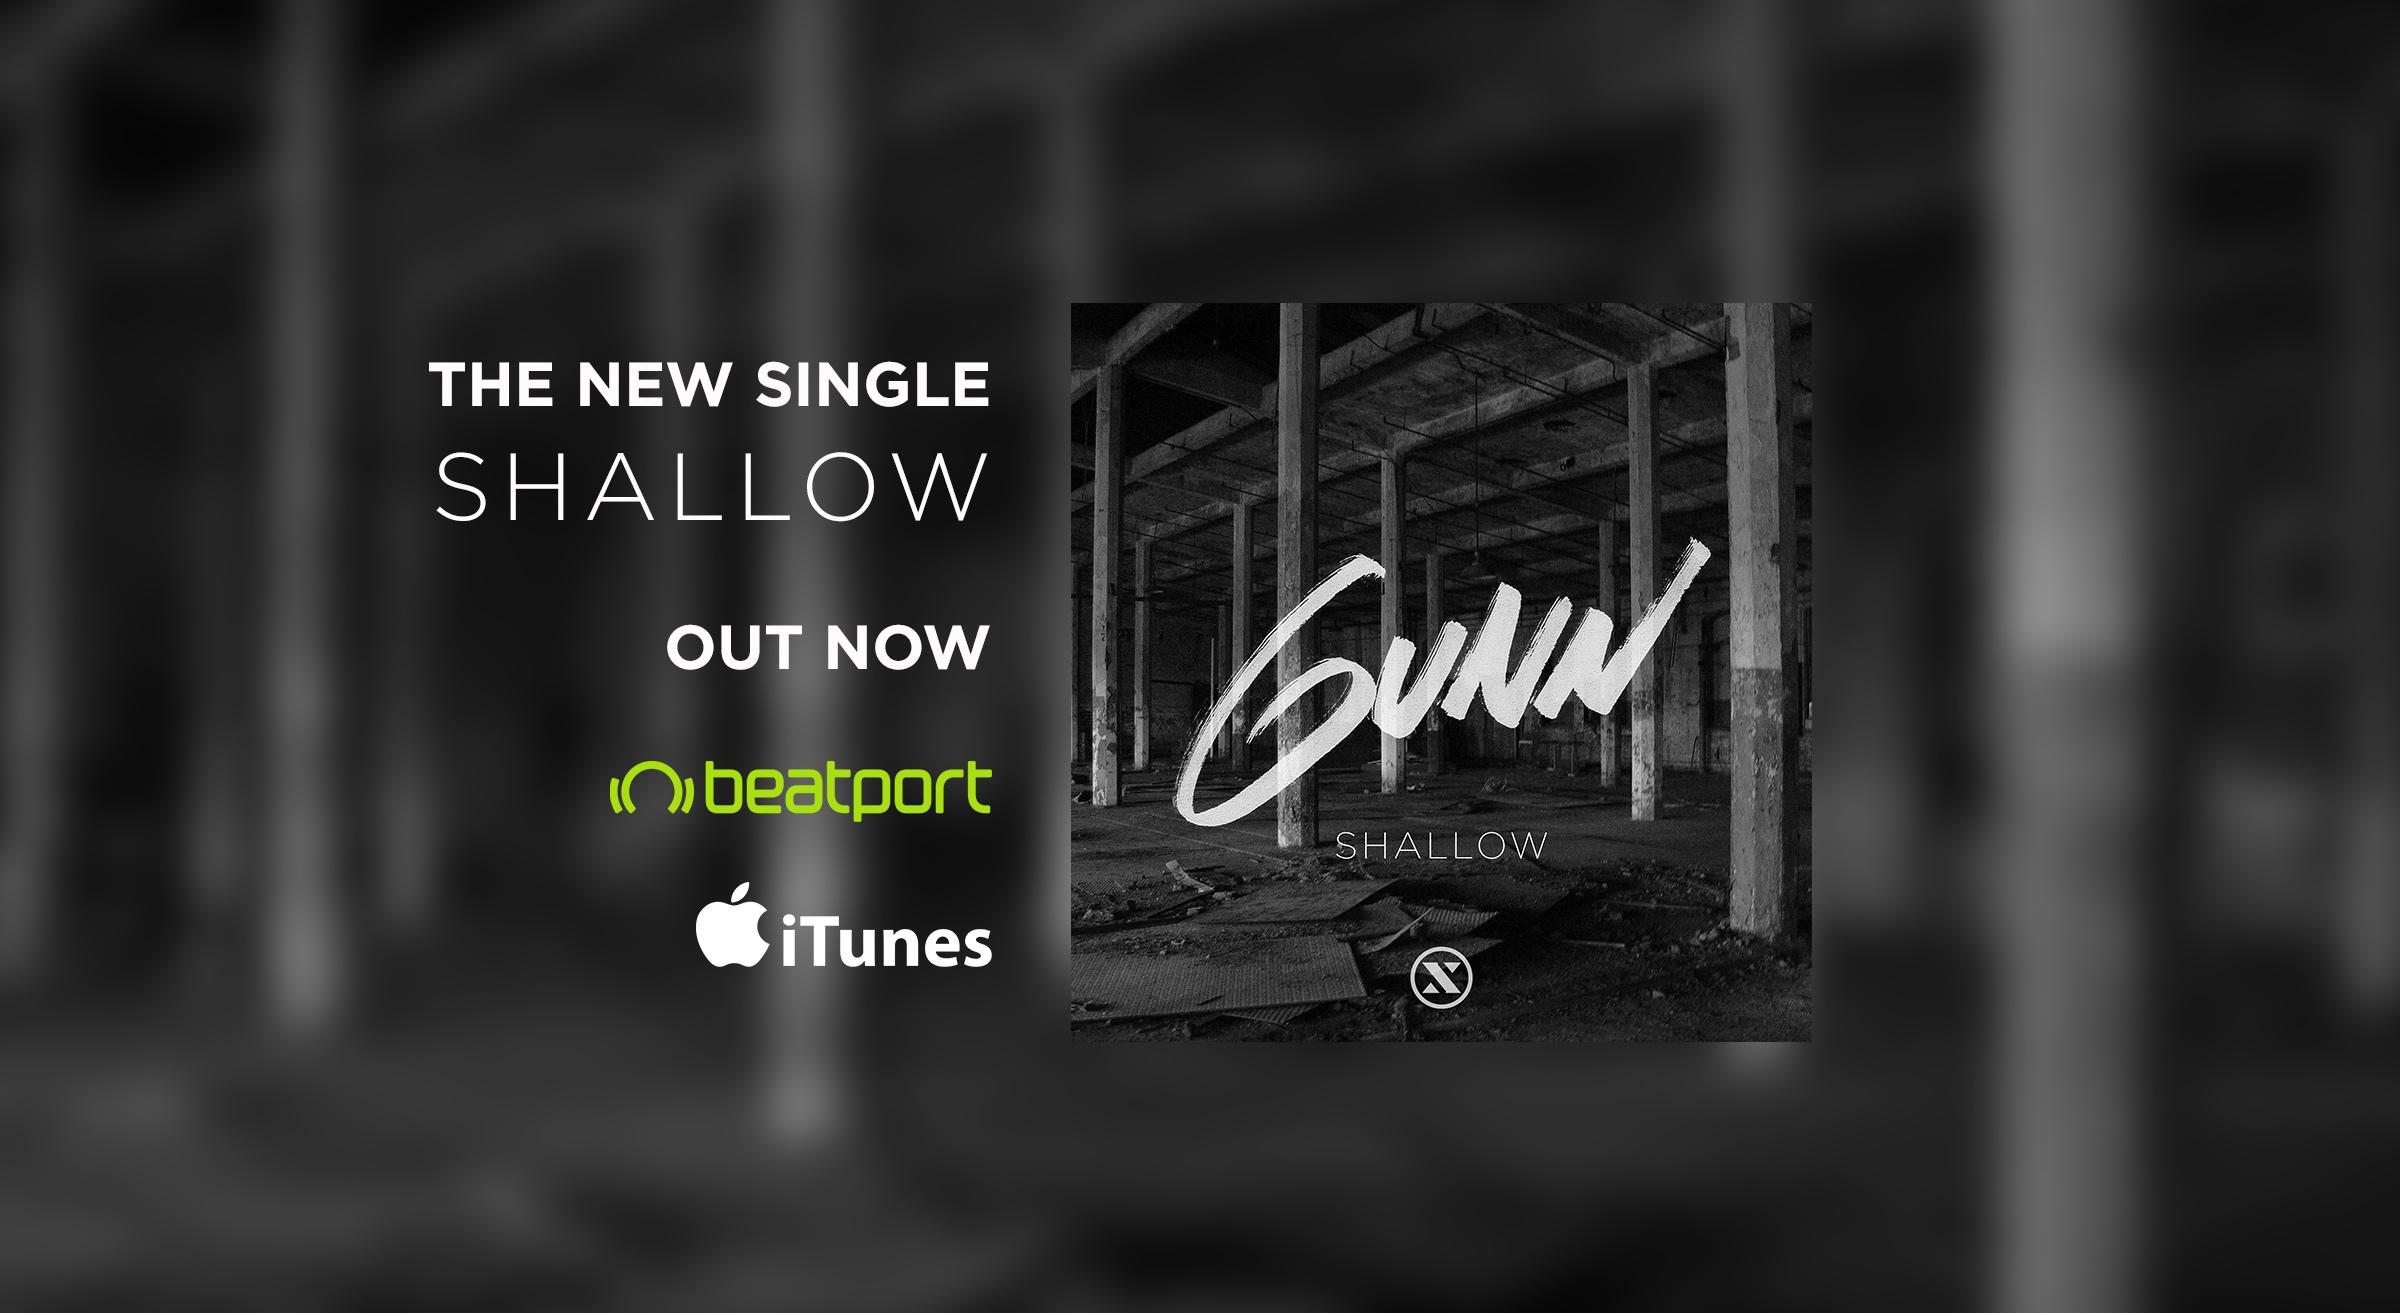 Gunn - Shallow